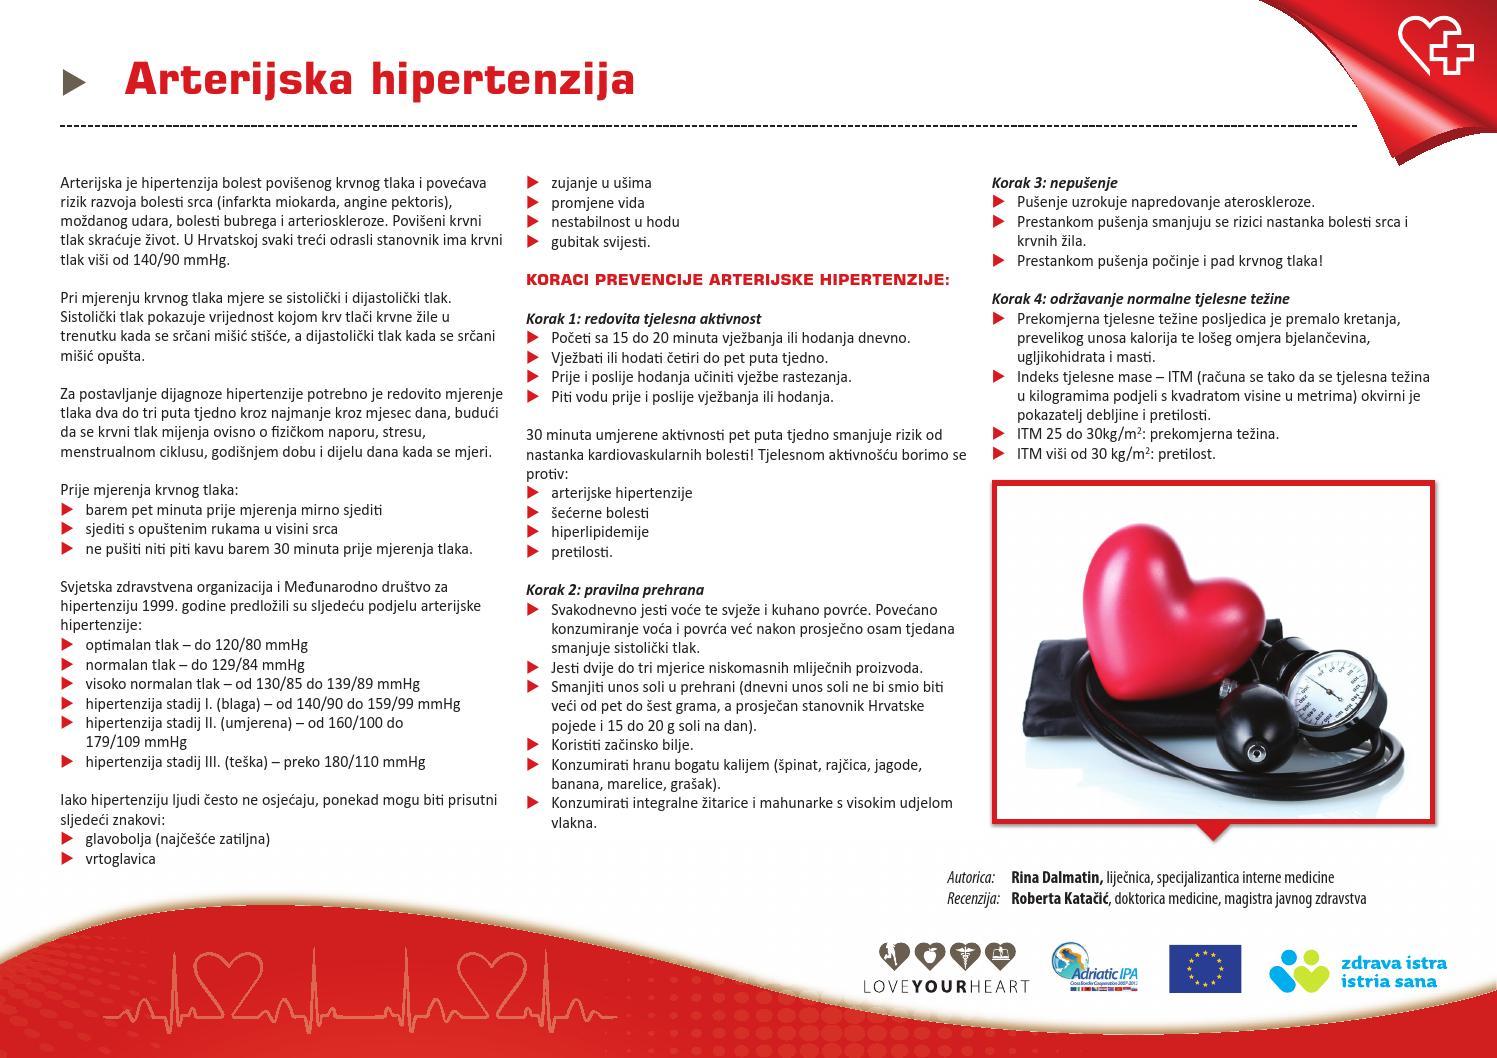 hipertenzije, moždanog udara)